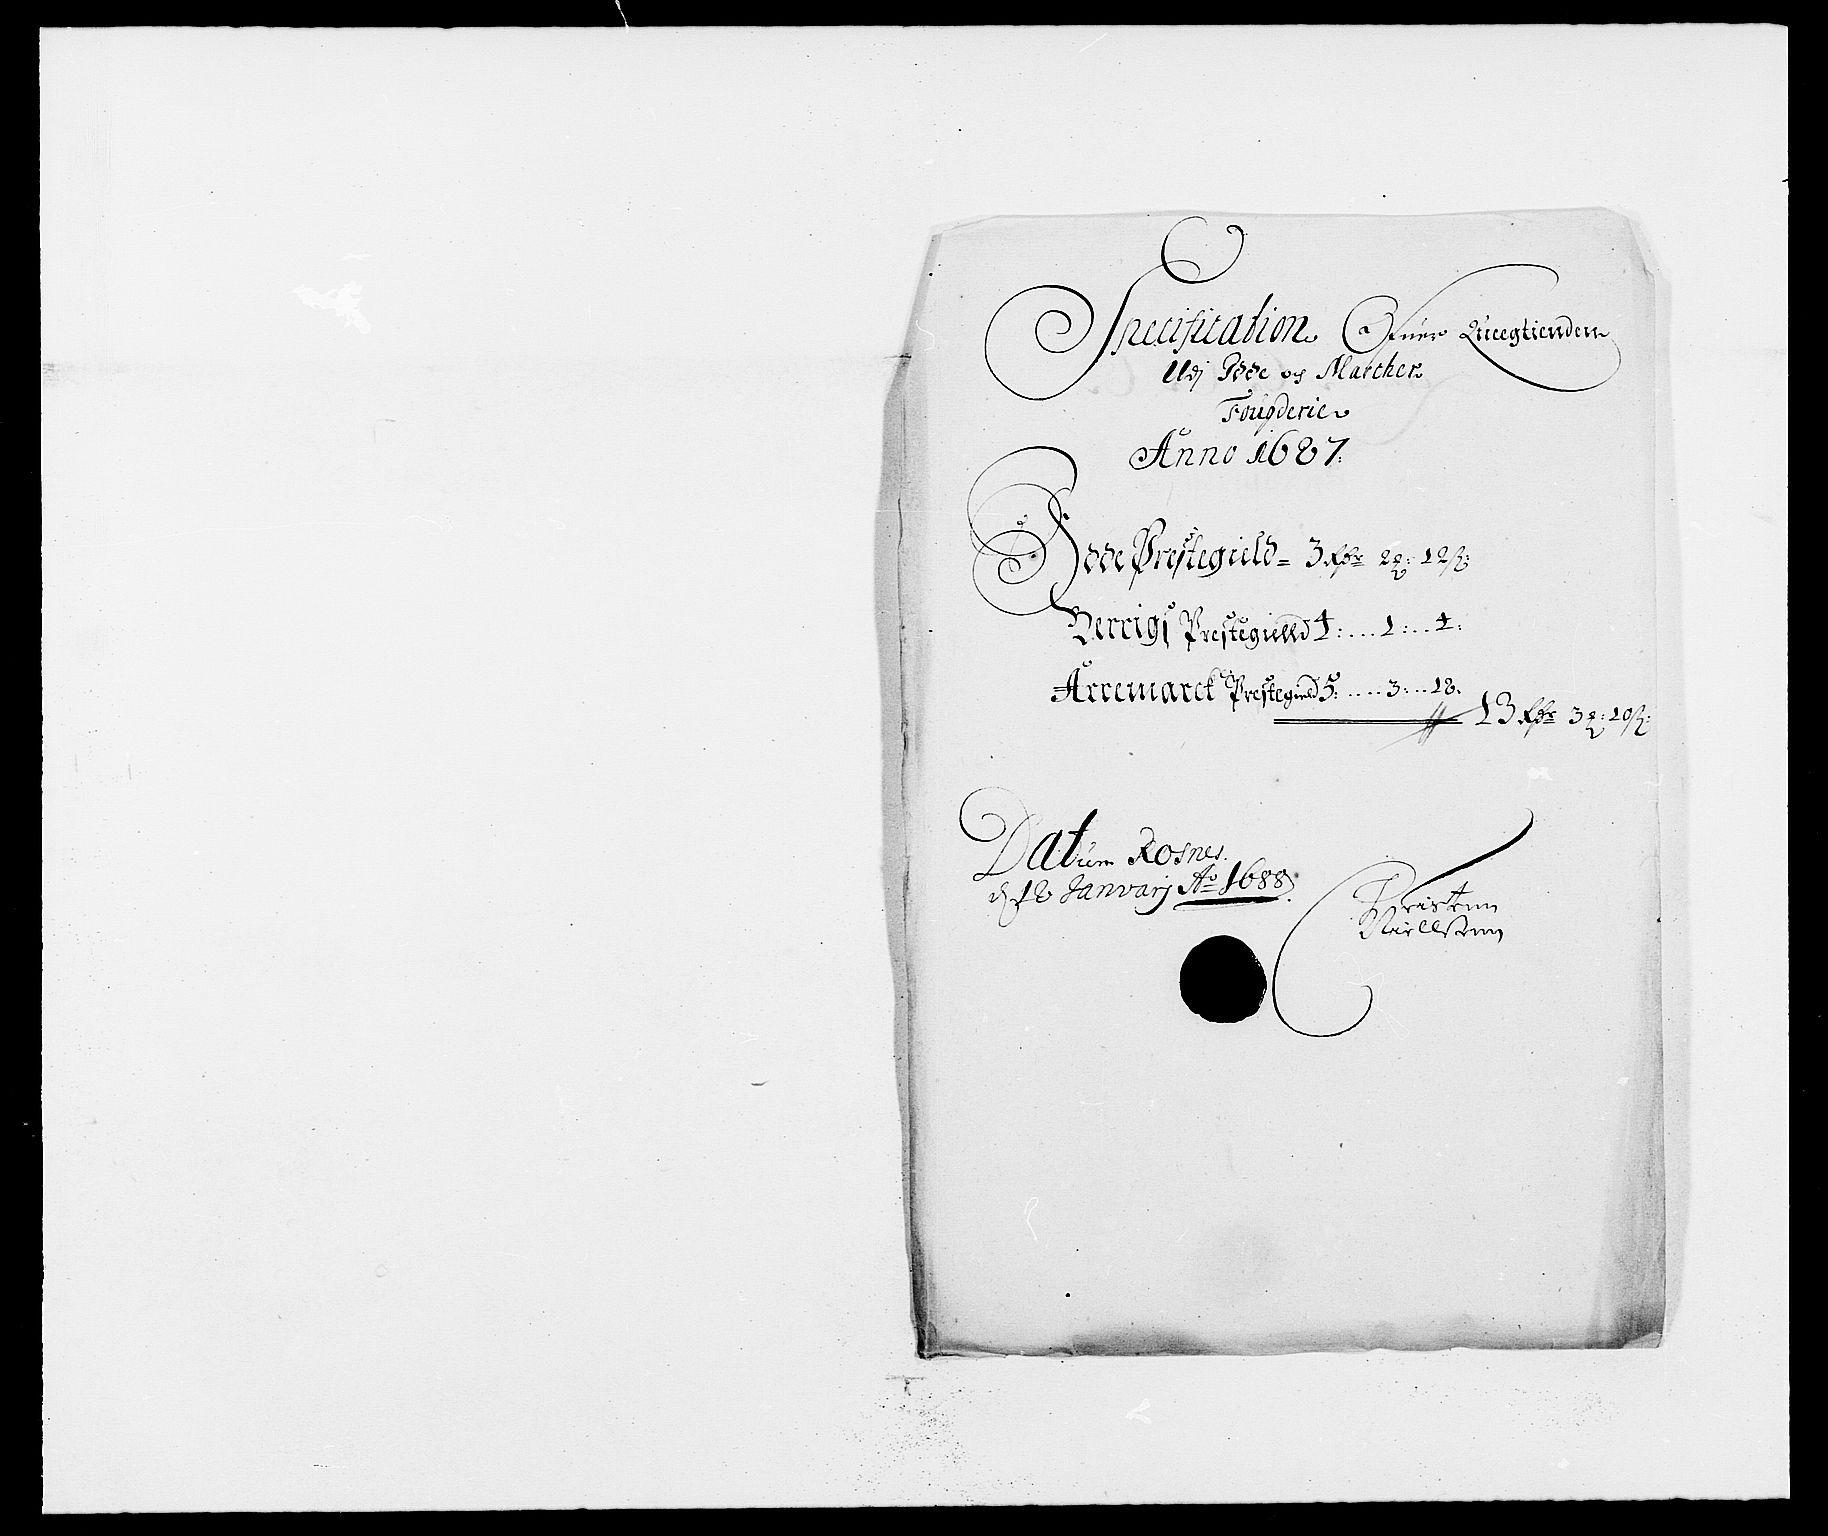 RA, Rentekammeret inntil 1814, Reviderte regnskaper, Fogderegnskap, R01/L0007: Fogderegnskap Idd og Marker, 1687-1688, s. 86